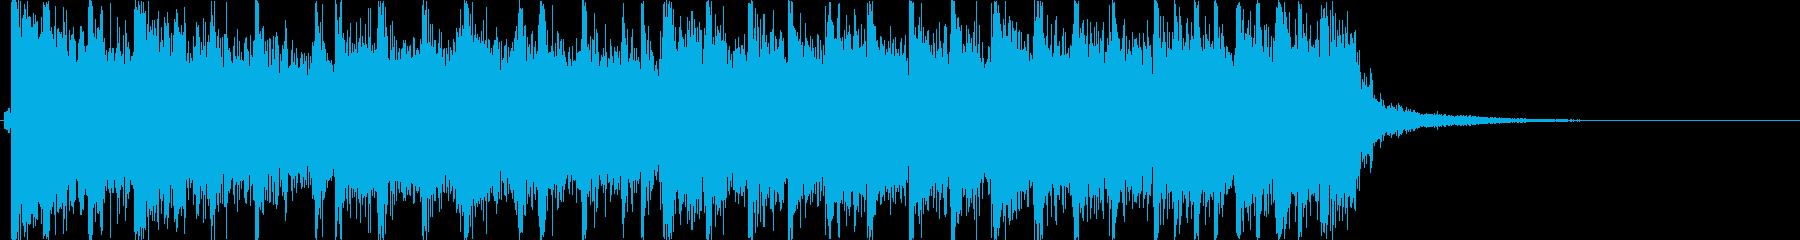 エレキギター、ドラムを使いpop系の曲調の再生済みの波形